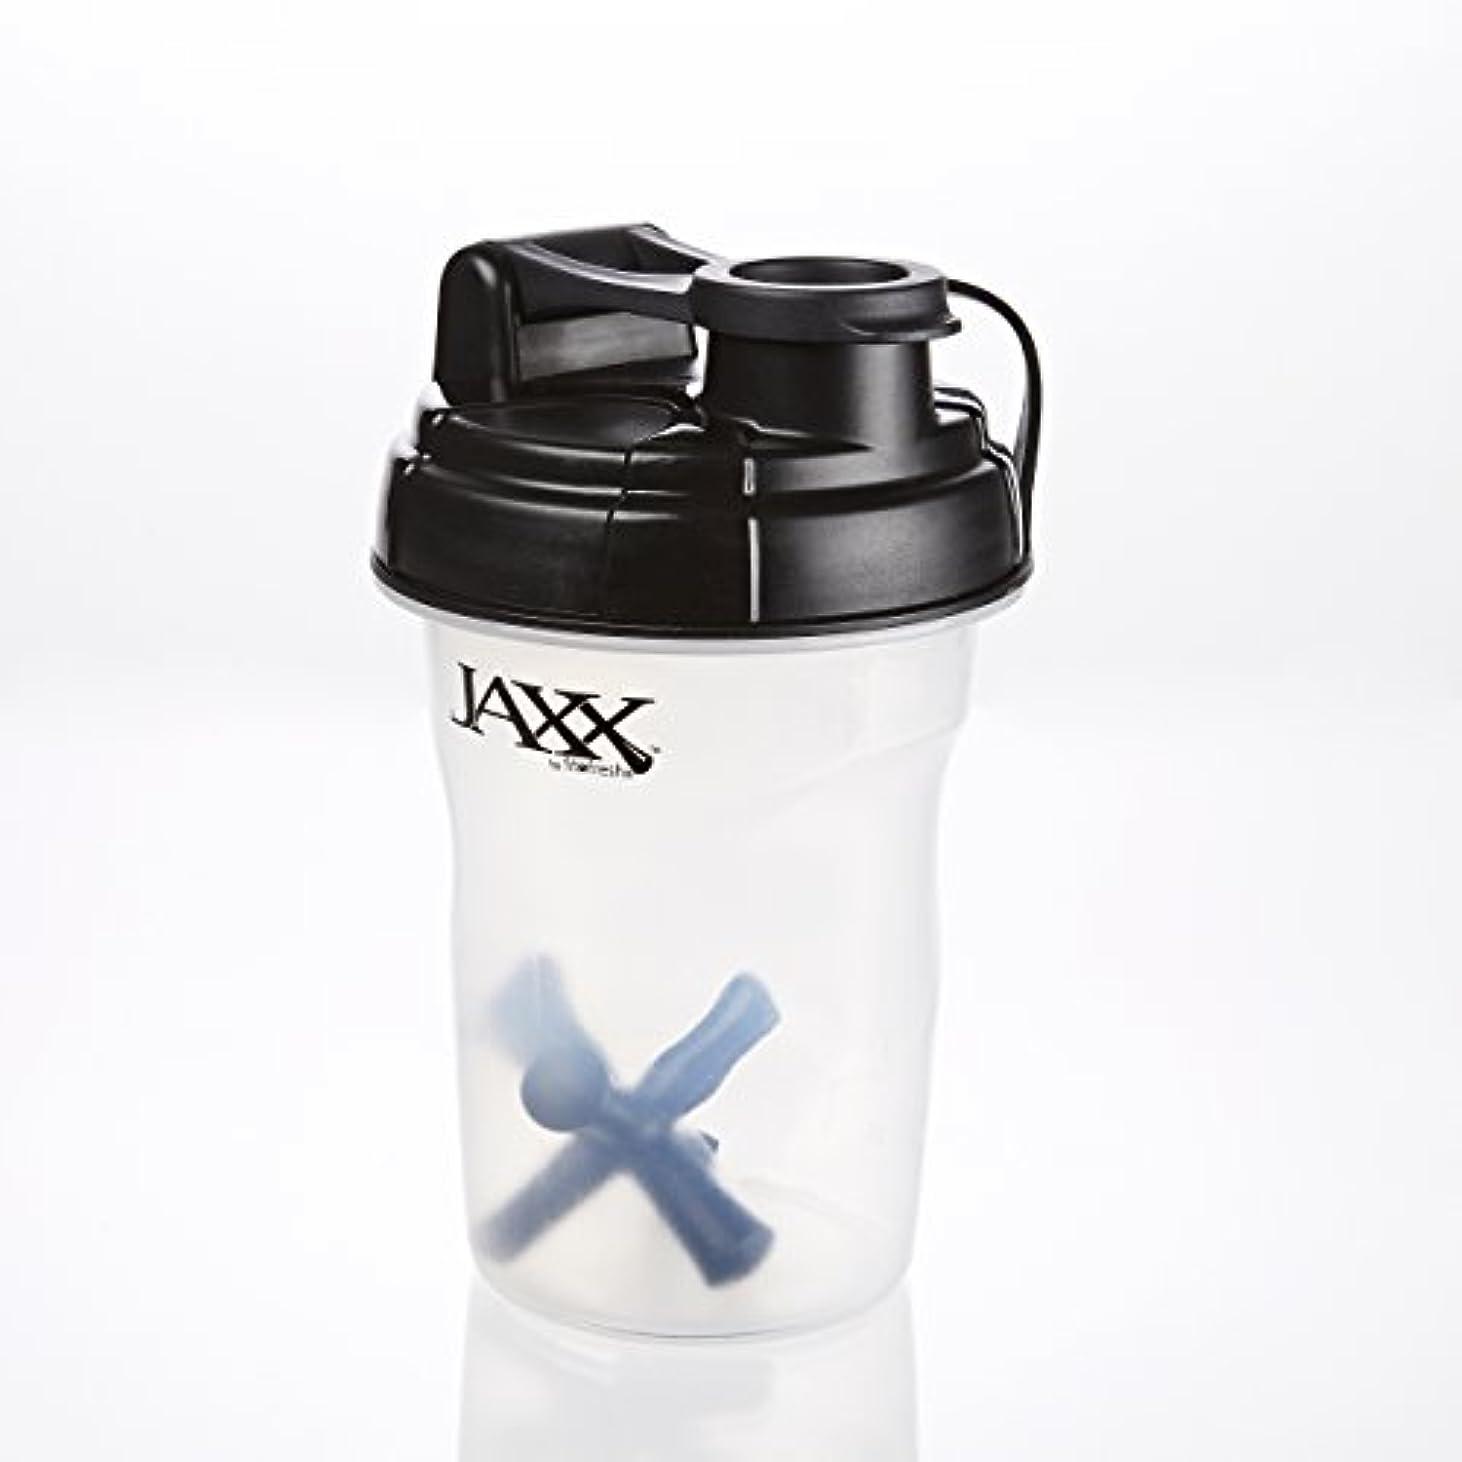 散らすアスペクト放出海外直送品Jaxx Shaker Assorted Colors, 20 oz by Fit & Fresh